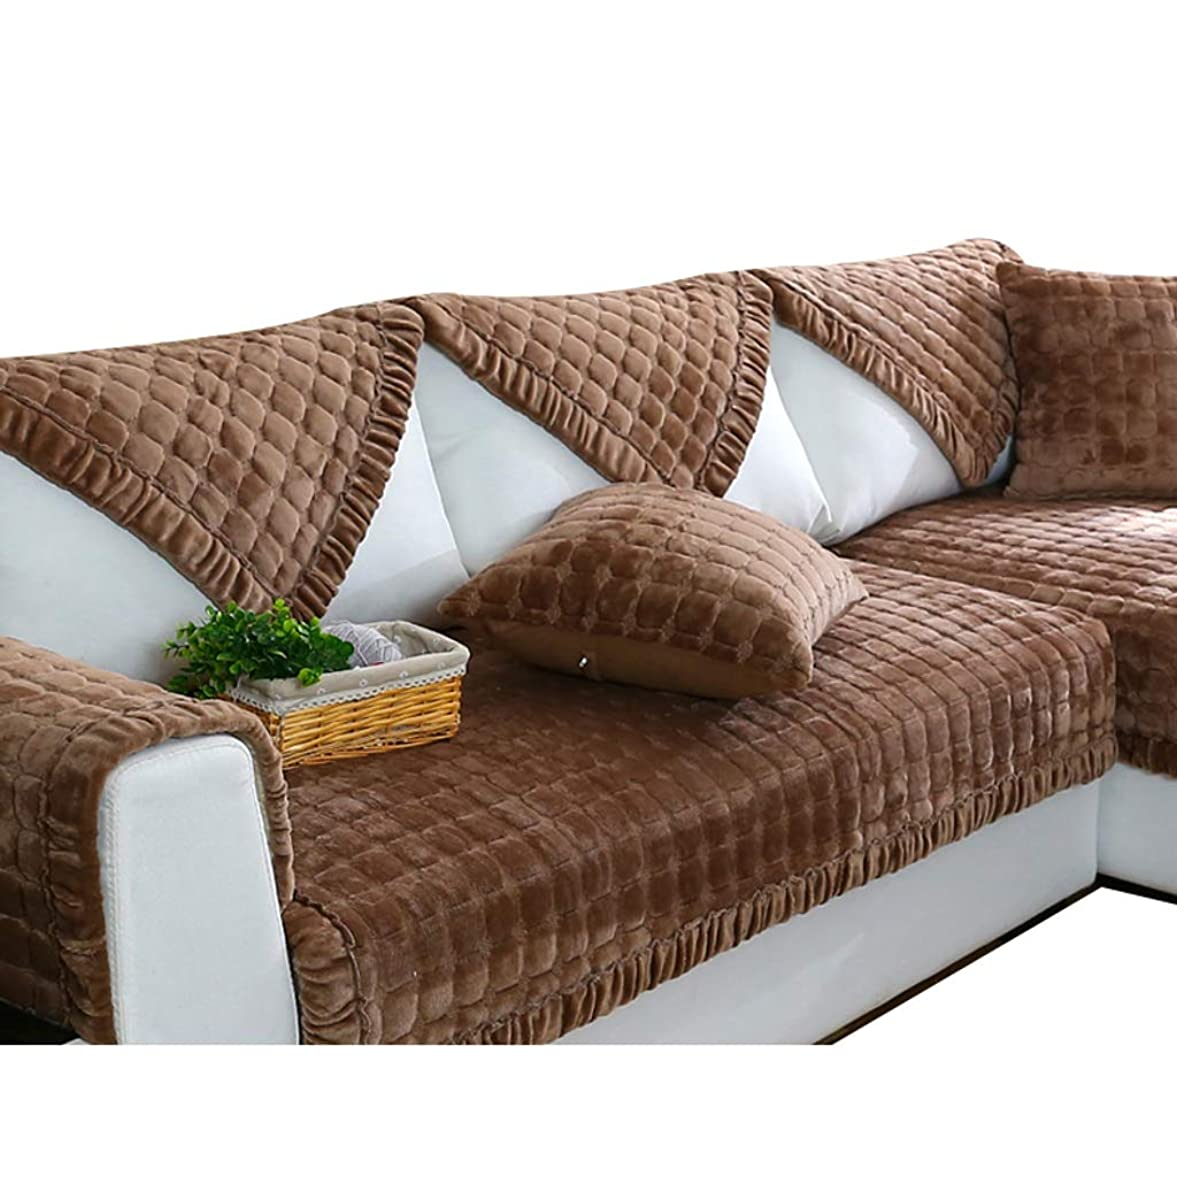 マティス免疫お客様JLWM 1個 ソファーのカバー ソファーカバー ソファーベッドカバー 冬 ベルベット 市松 ではありません-スリップ-ブラウン-90*160cm